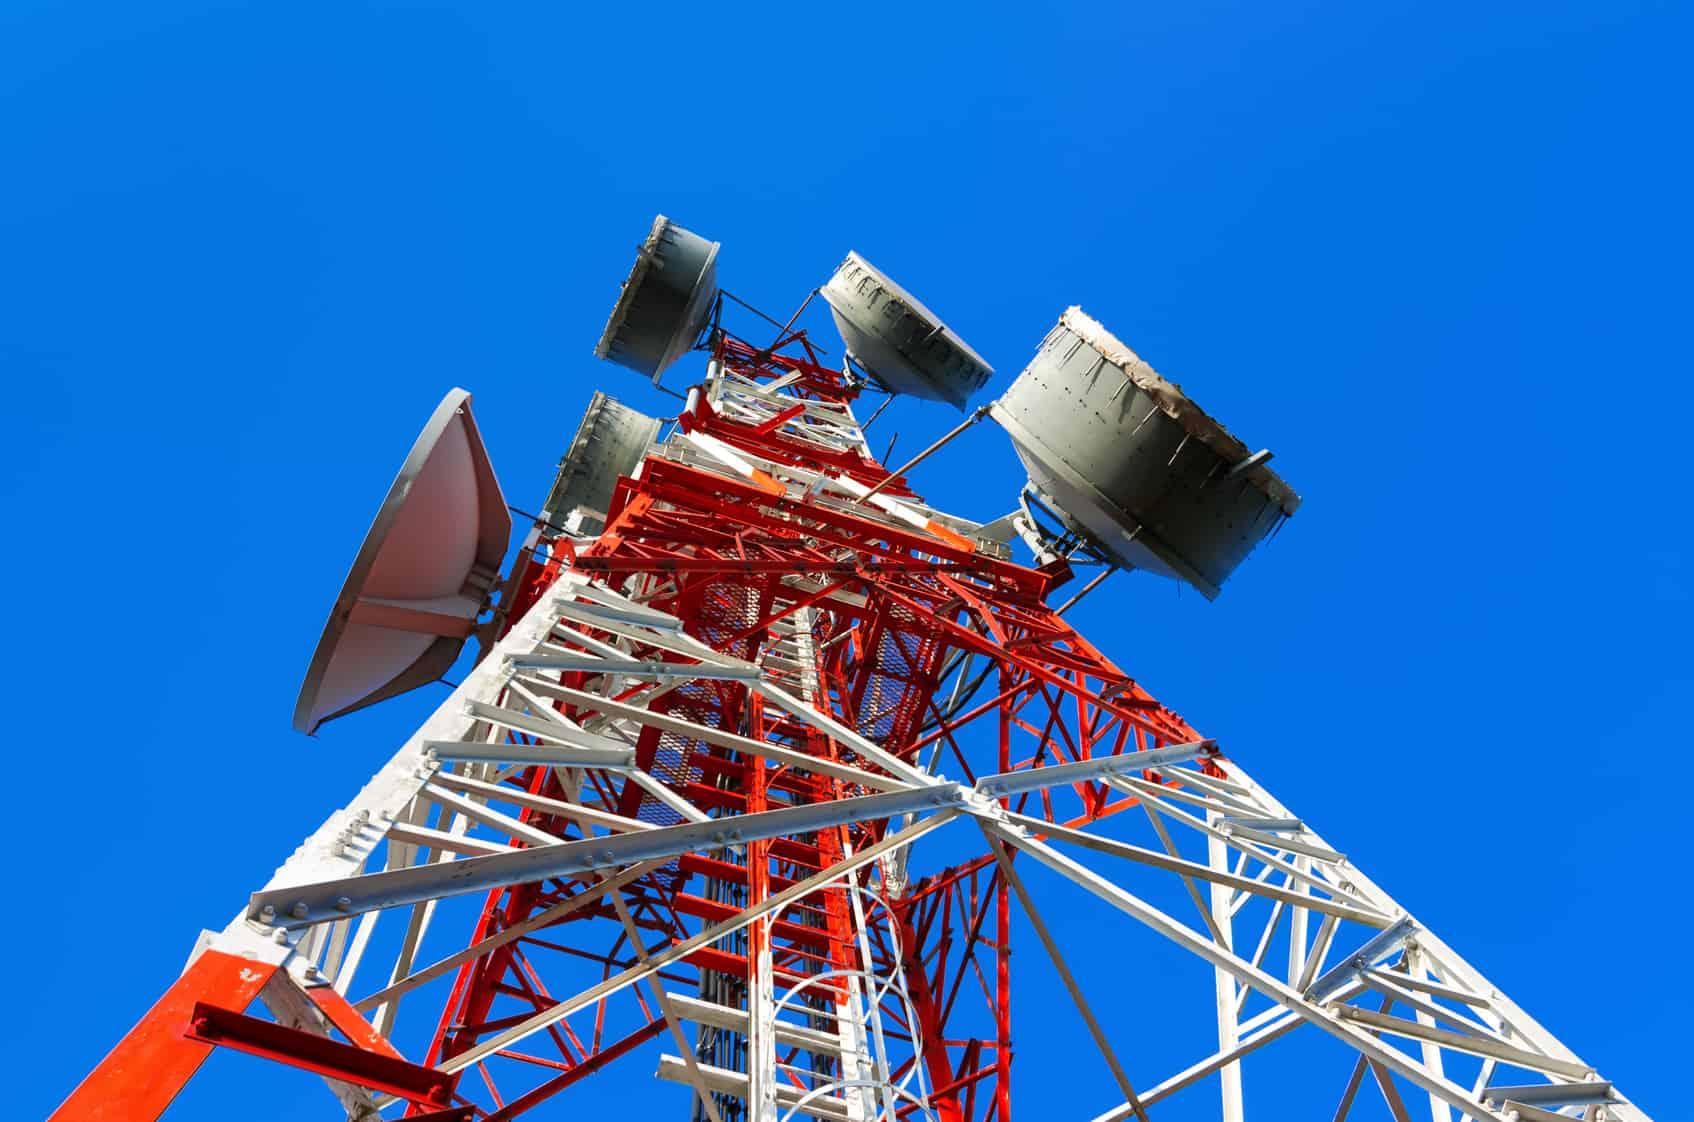 Axtel informó que en el tercer trimestre del año obtuvo un aumento en su flujo operativo de 4% anual derivado principalmente de la venta de torres.